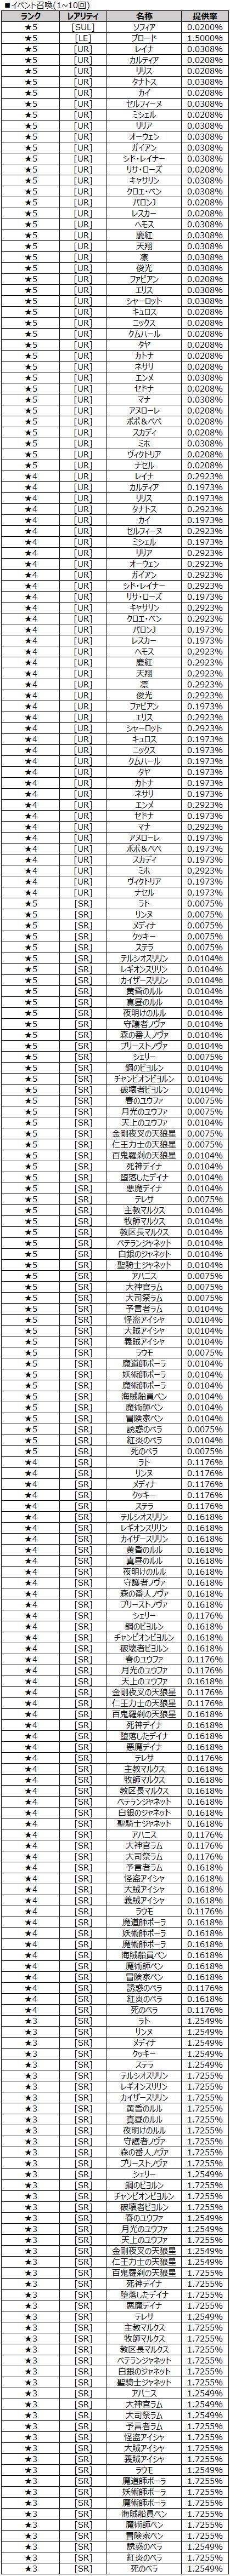 イベント召喚(1~10回)